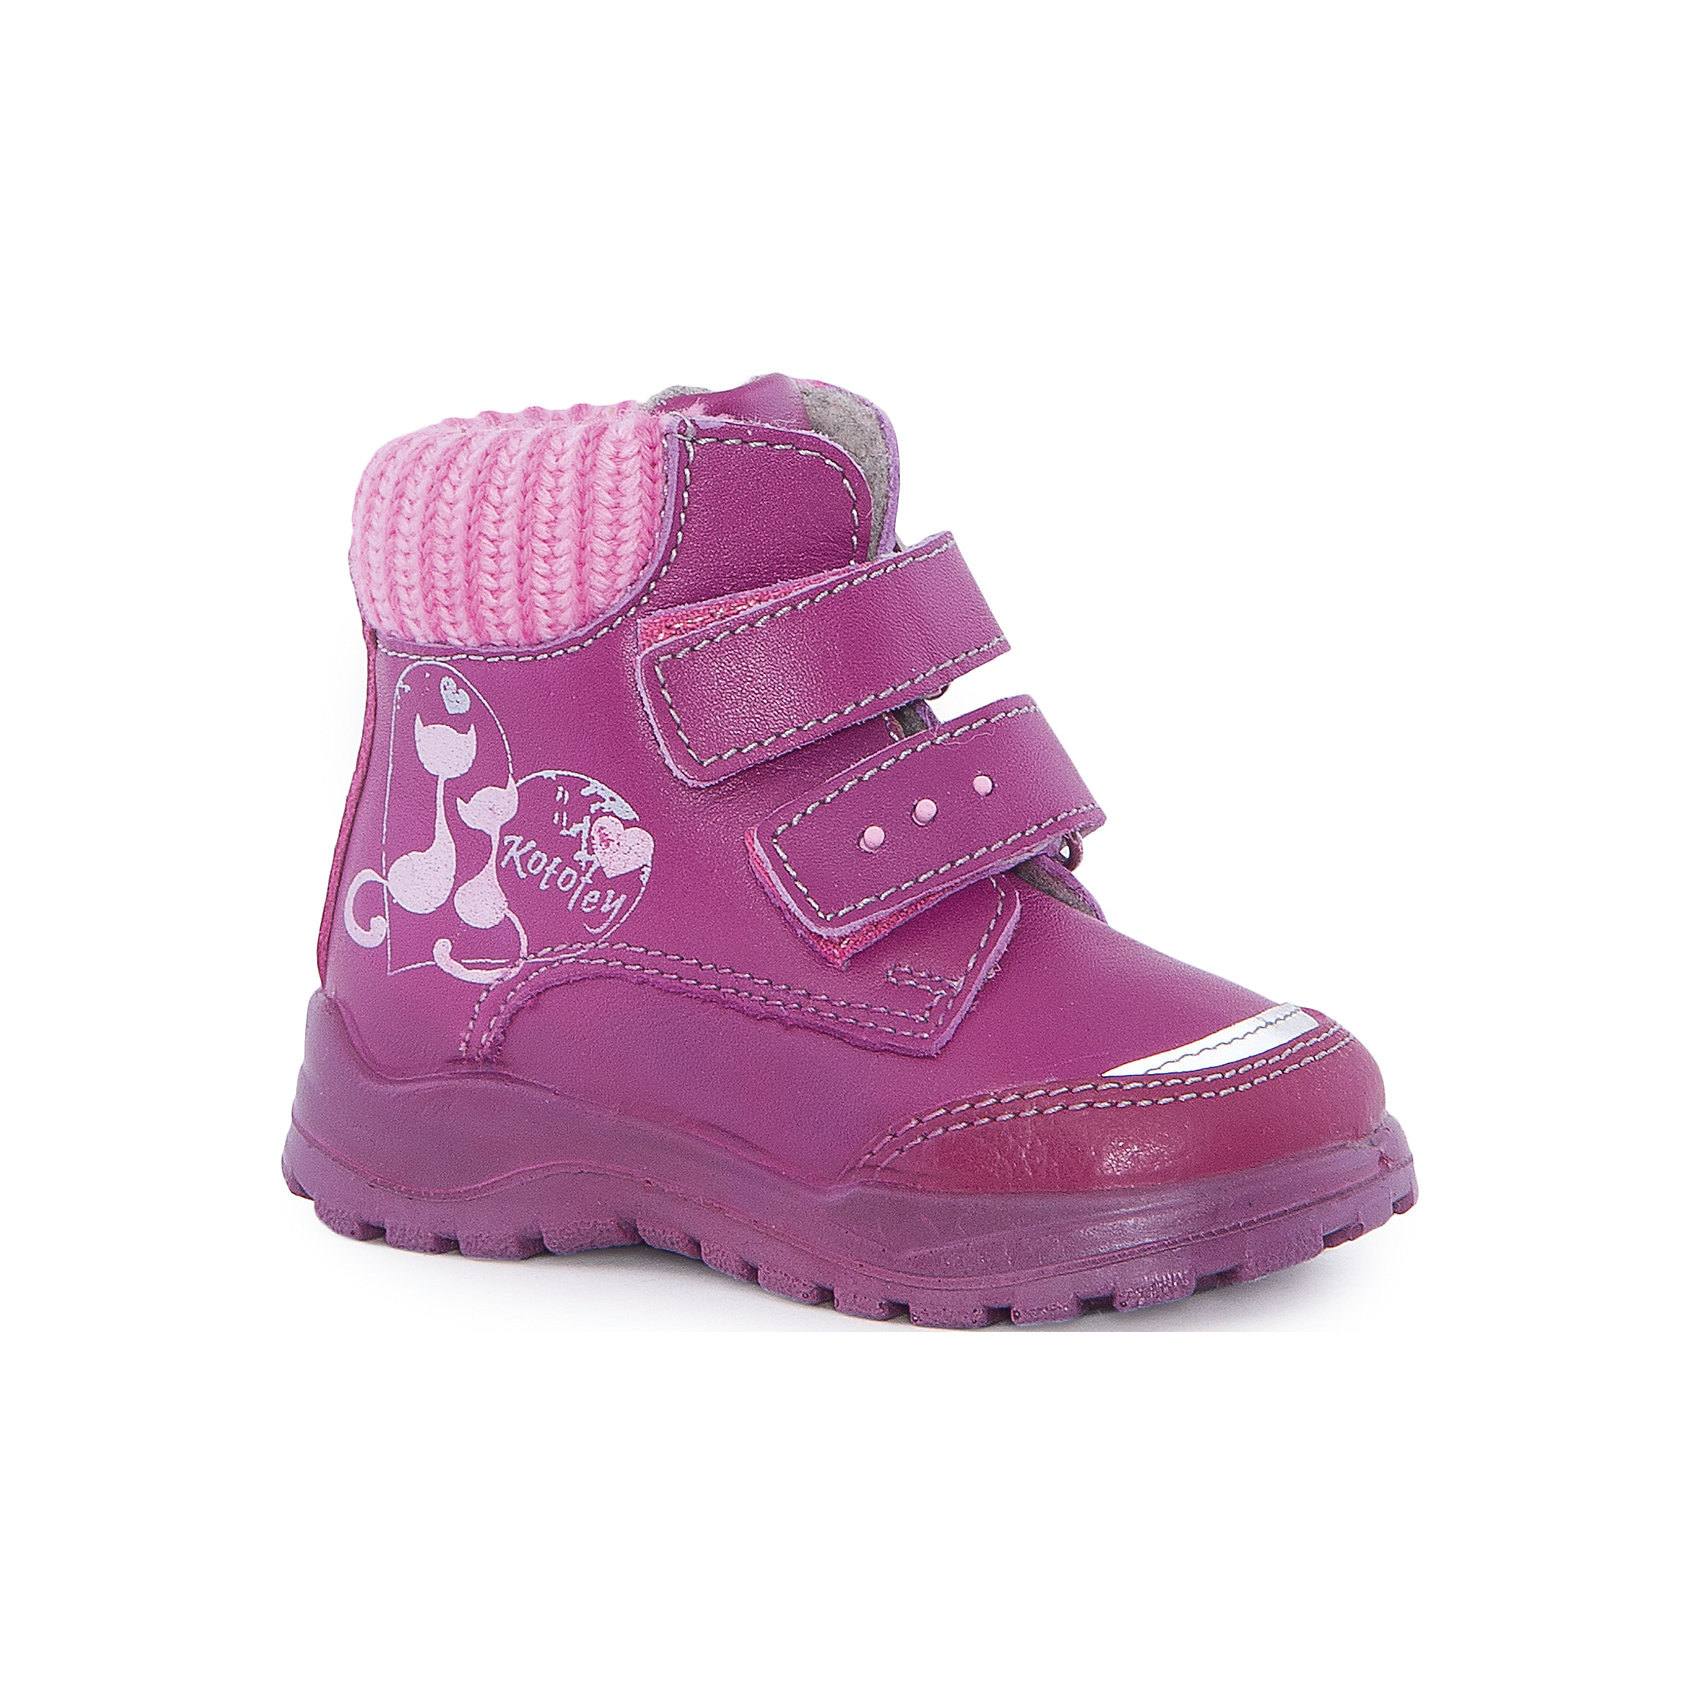 Ботинки для девочки КотофейОбувь для малышей<br>Ботинки для девочки Котофей.<br><br>Характеристики:<br><br>- Внешний материал: натуральная кожа<br>- Внутренний материал: байка<br>- Стелька: войлок<br>- Подошва: полиуретан<br>- Тип застежки: липучки<br>- Вид крепления обуви: литьевой<br>- Температурный редим до -10С<br>- Цвет: фуксия<br>- Сезон: весна, осень<br>- Пол: для девочек<br><br>Удобные ботинки для девочки торговой марки Котофей – отличный выбор для межсезонья. Верх модели выполнен из дышащей натуральной кожи, которая обладает гидрофобными свойствами. Носочная часть, задник и берец дополнительно усилены кожаной накладкой, повышающей износостойкость. Подкладка – утеплённая, из полушерстяной байки. Дополнительную защиту от прохлады придаёт войлочная стелька, которую можно вытащить для просушки, воспользовавшись специальной петлёй. Подошва литьевого метода крепления легкая и гибкая, имеет анатомическую форму следа, повторяя изгибы свода стопы. Благодаря этому ножки будут чувствовать себя комфортно весь день! Два ремня с липучками позволяют не только быстро обувать и снимать обувь, но и обеспечивают плотное прилегание обуви к стопе. Мягкий трикотажный манжет создает комфорт при ходьбе и предотвращает натирание ножки ребенка. Дизайн соответствует как европейским тенденциям, так и учитывает положительный опыт отечественного производства, что придаёт этой модели эффектный внешний вид. Детская обувь «Котофей» качественна, красива, добротна, комфортна и долговечна. Она производится на Егорьевской обувной фабрике. Жесткий контроль производства и постоянное совершенствование технологий при многолетнем опыте позволяют считать компанию одним из лидеров среди отечественных производителей детской обуви.<br><br>Ботинки для девочки Котофей можно купить в нашем интернет-магазине.<br><br>Ширина мм: 262<br>Глубина мм: 176<br>Высота мм: 97<br>Вес г: 427<br>Цвет: розовый<br>Возраст от месяцев: 12<br>Возраст до месяцев: 15<br>Пол: Женский<br>Возраст: Детский<br>Размер: 21,24,22,23<